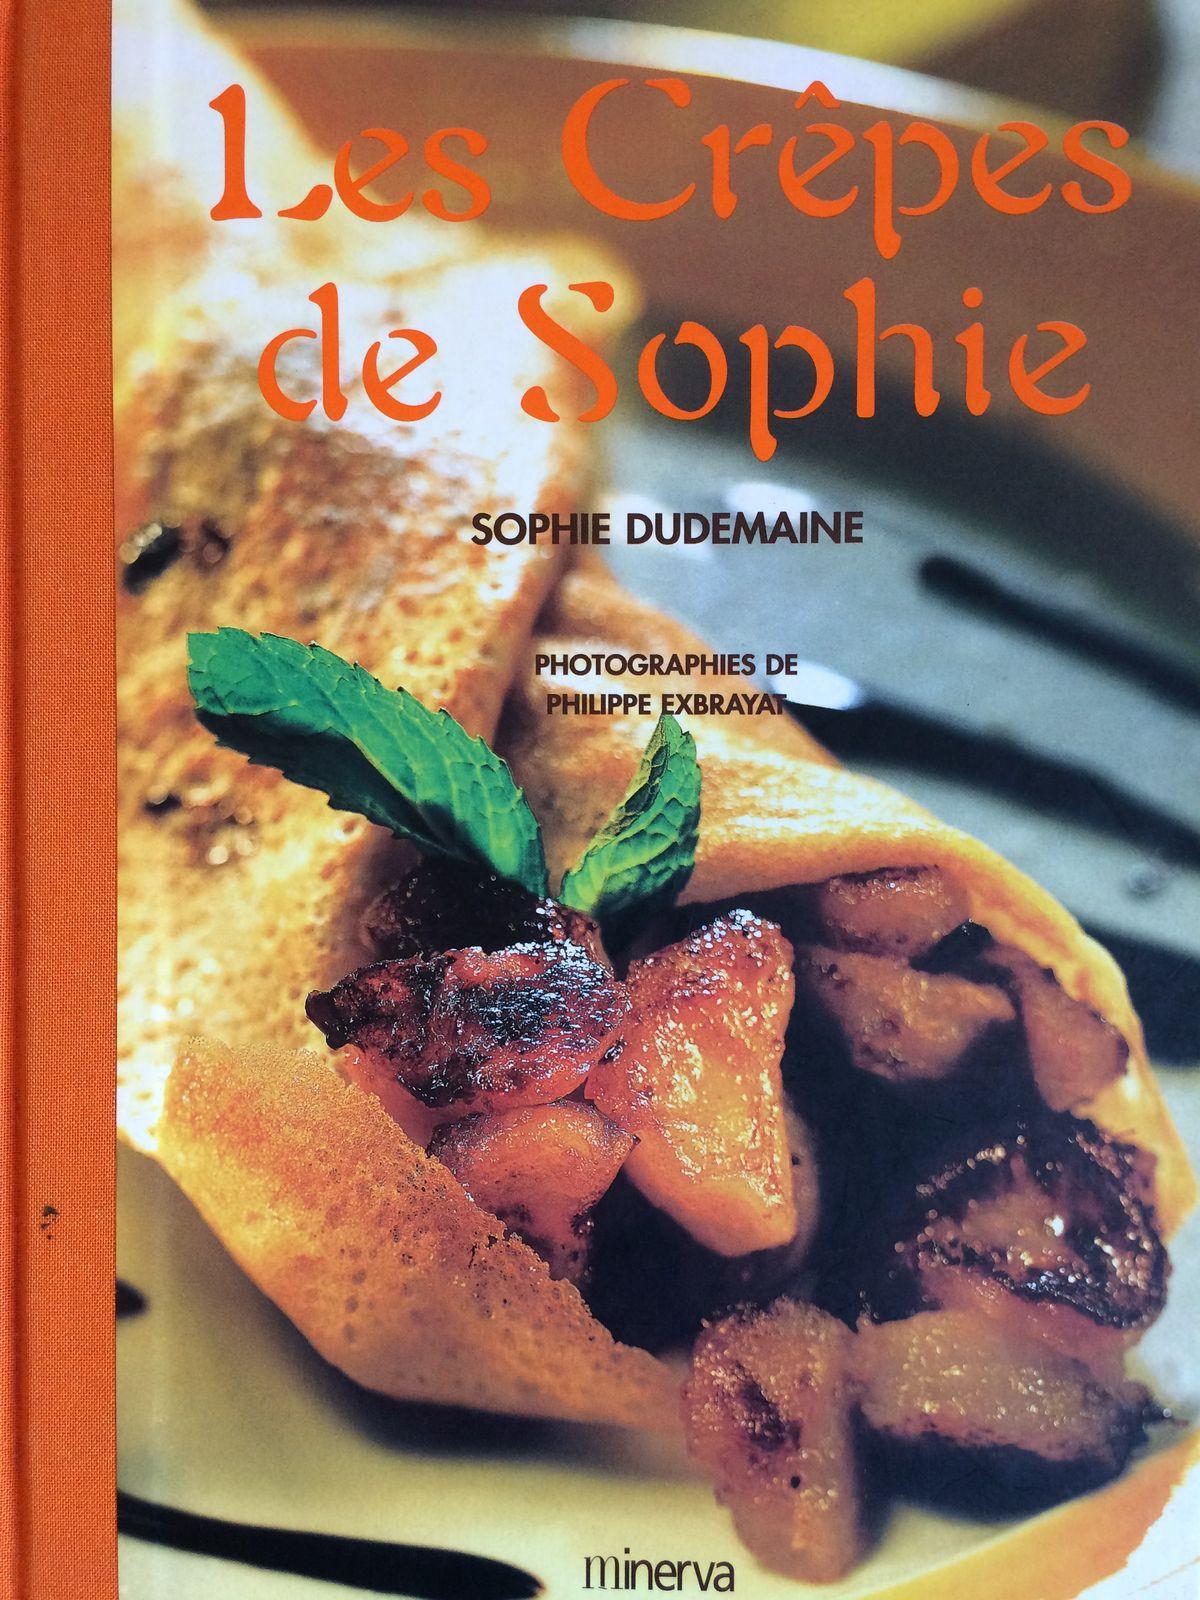 Un livre que j'ai depuis longtemps, une référence en matière de crêpes salées et sucrées...et de blinis !